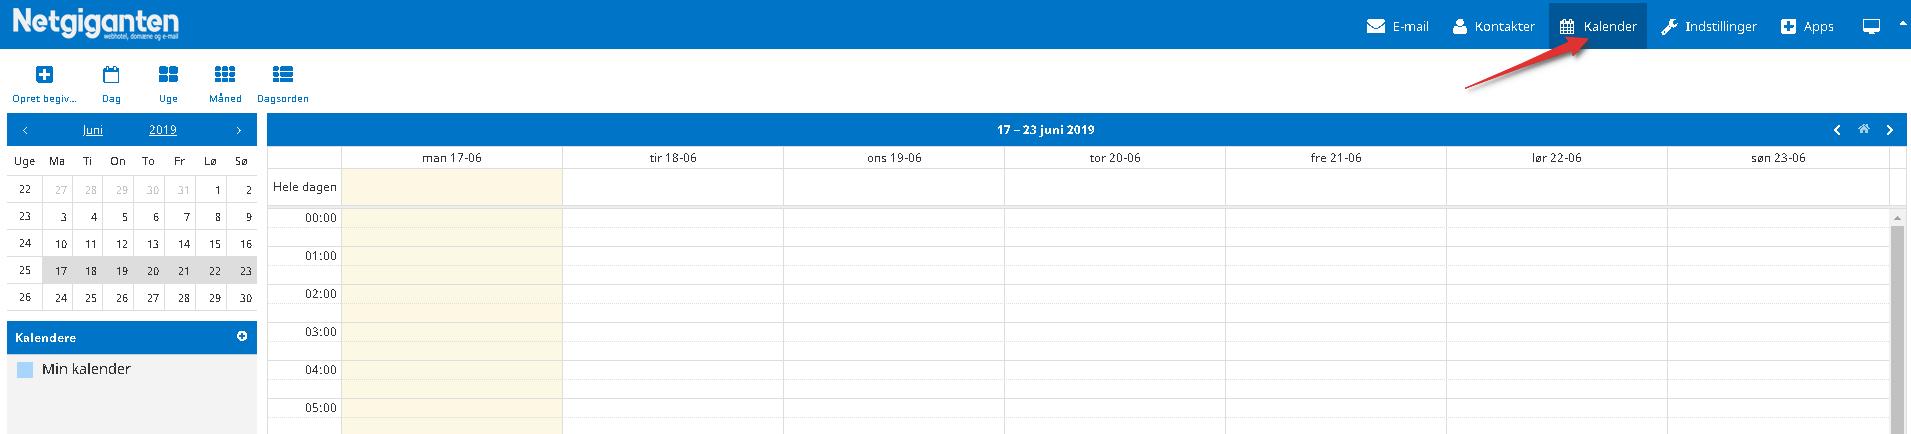 netgiganten_kalender